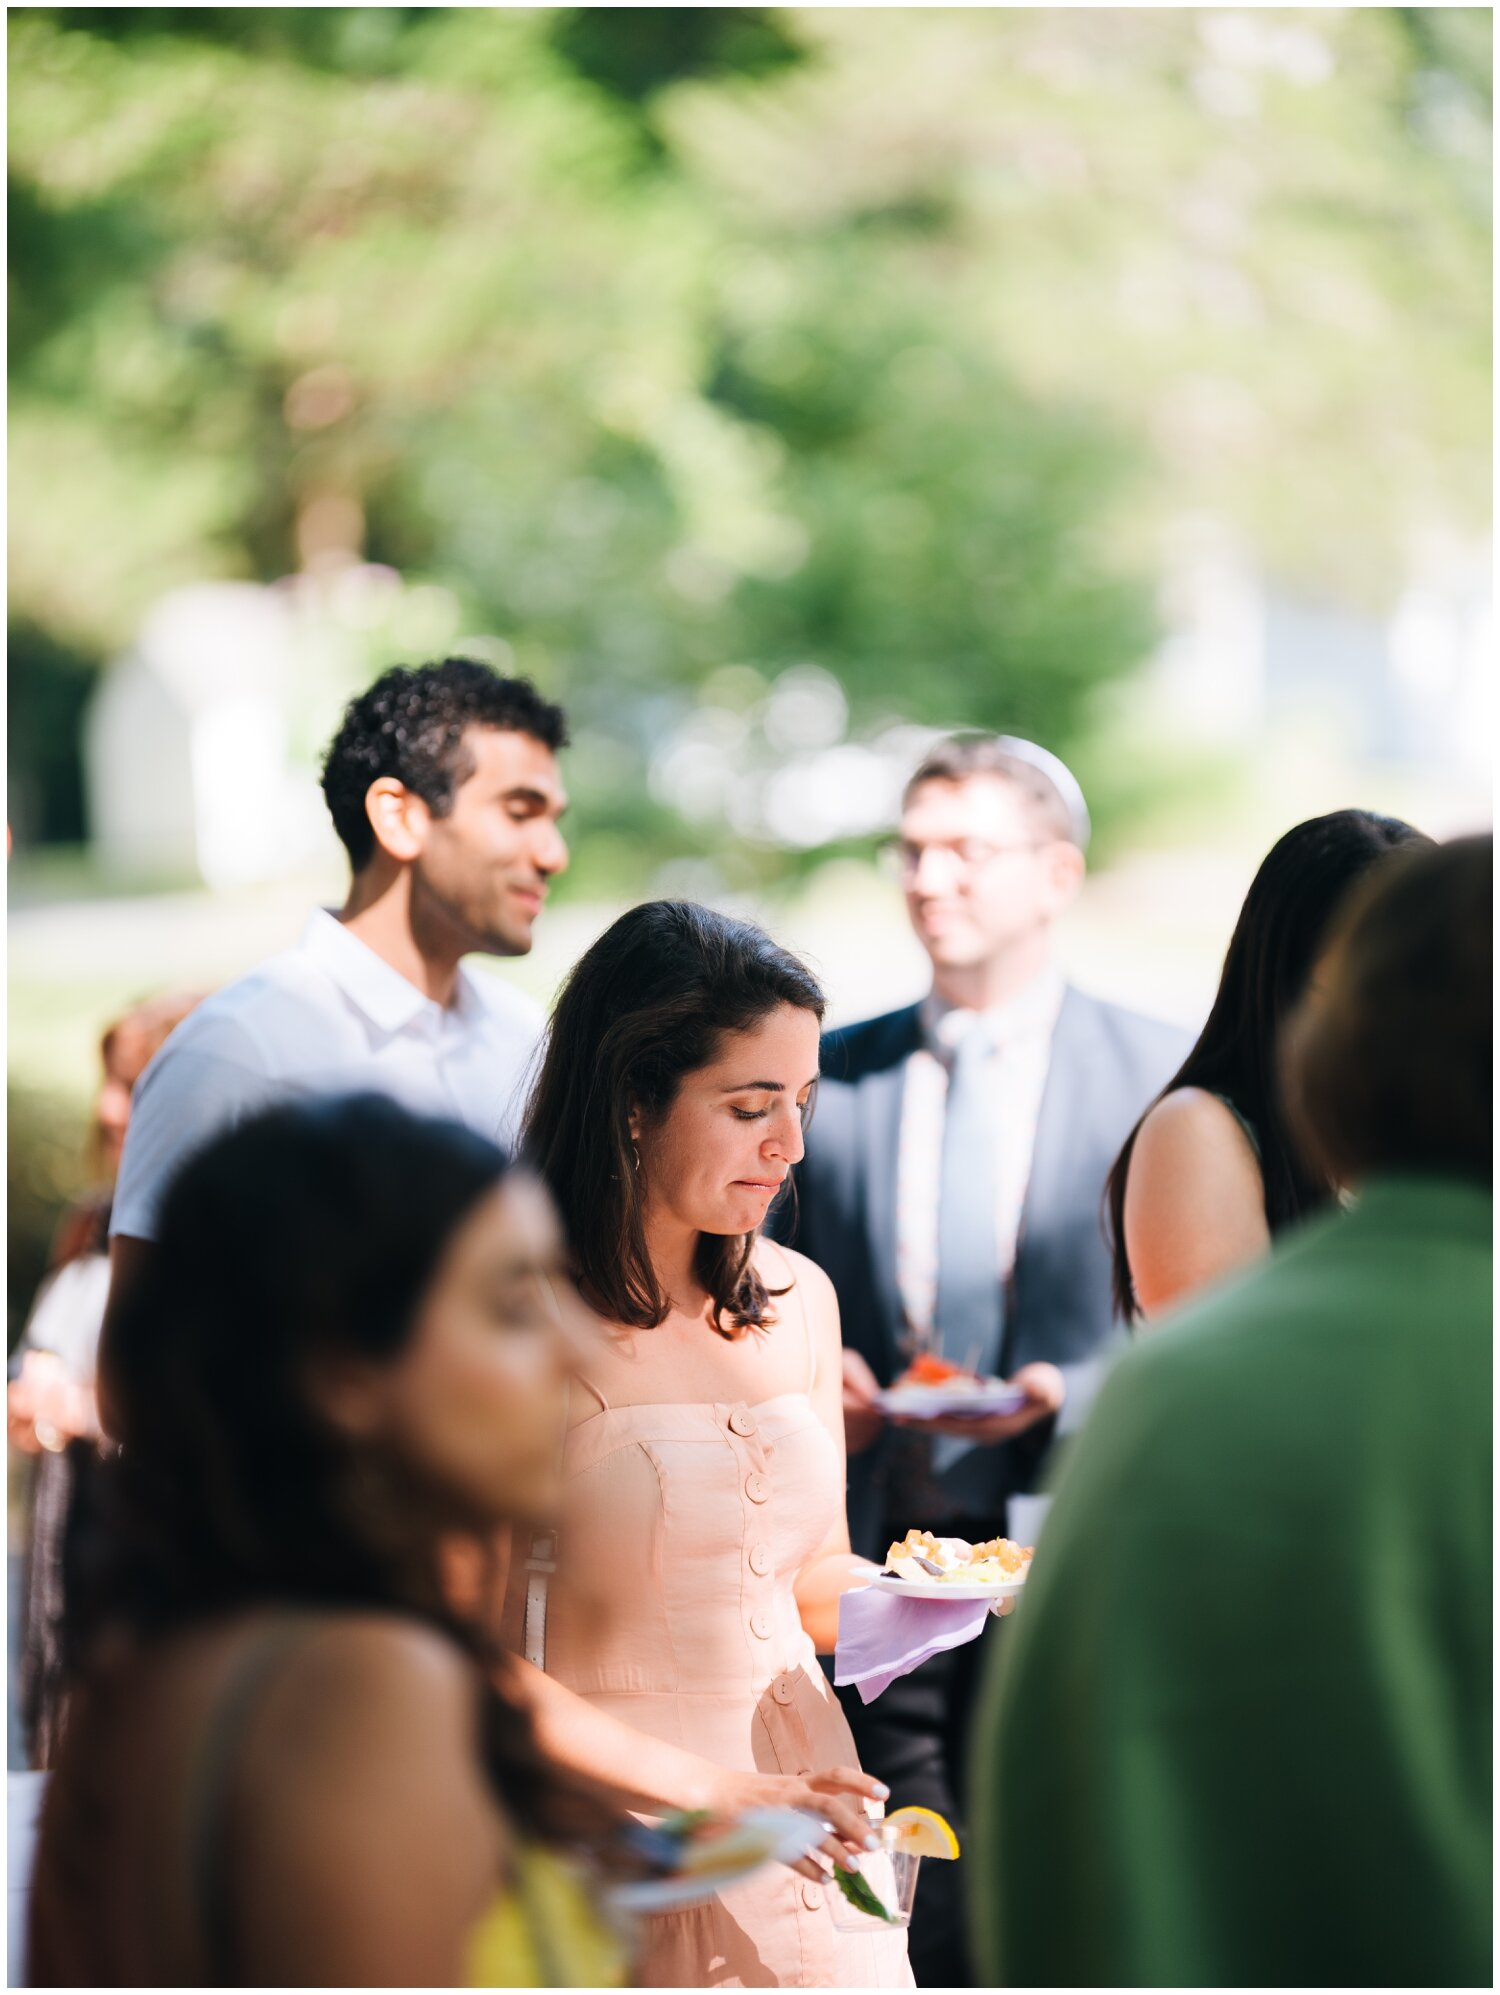 Camp Laurelwood Wedding - Leah + Yoni_0061.jpg